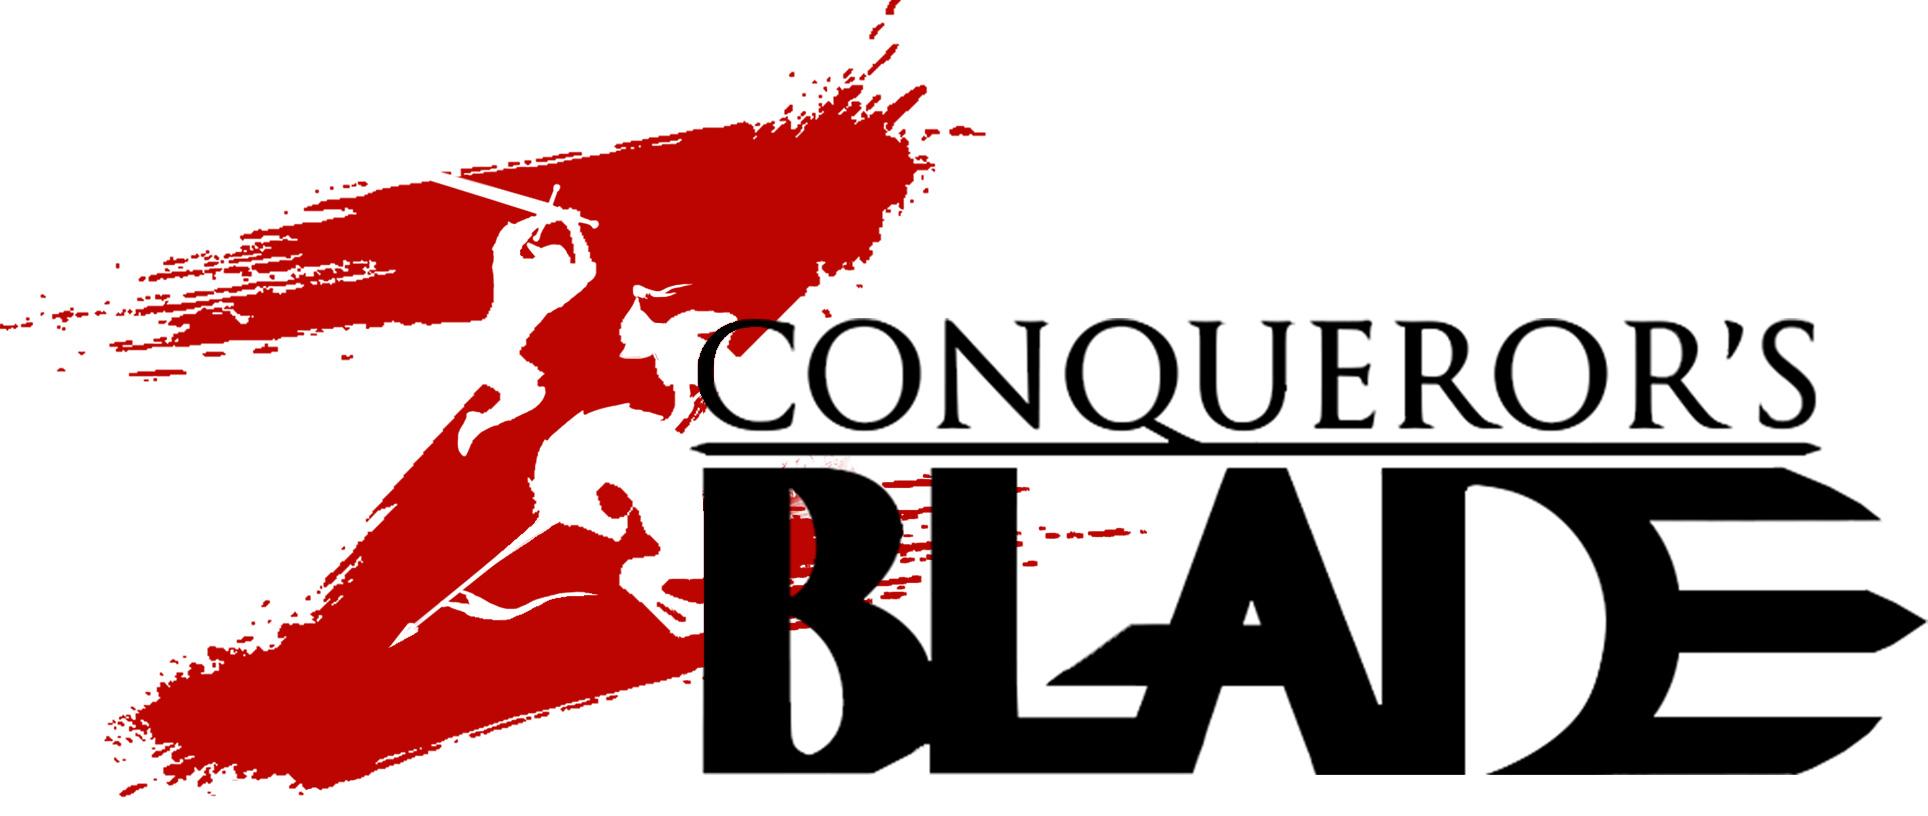 Conqueror's Blade Controls